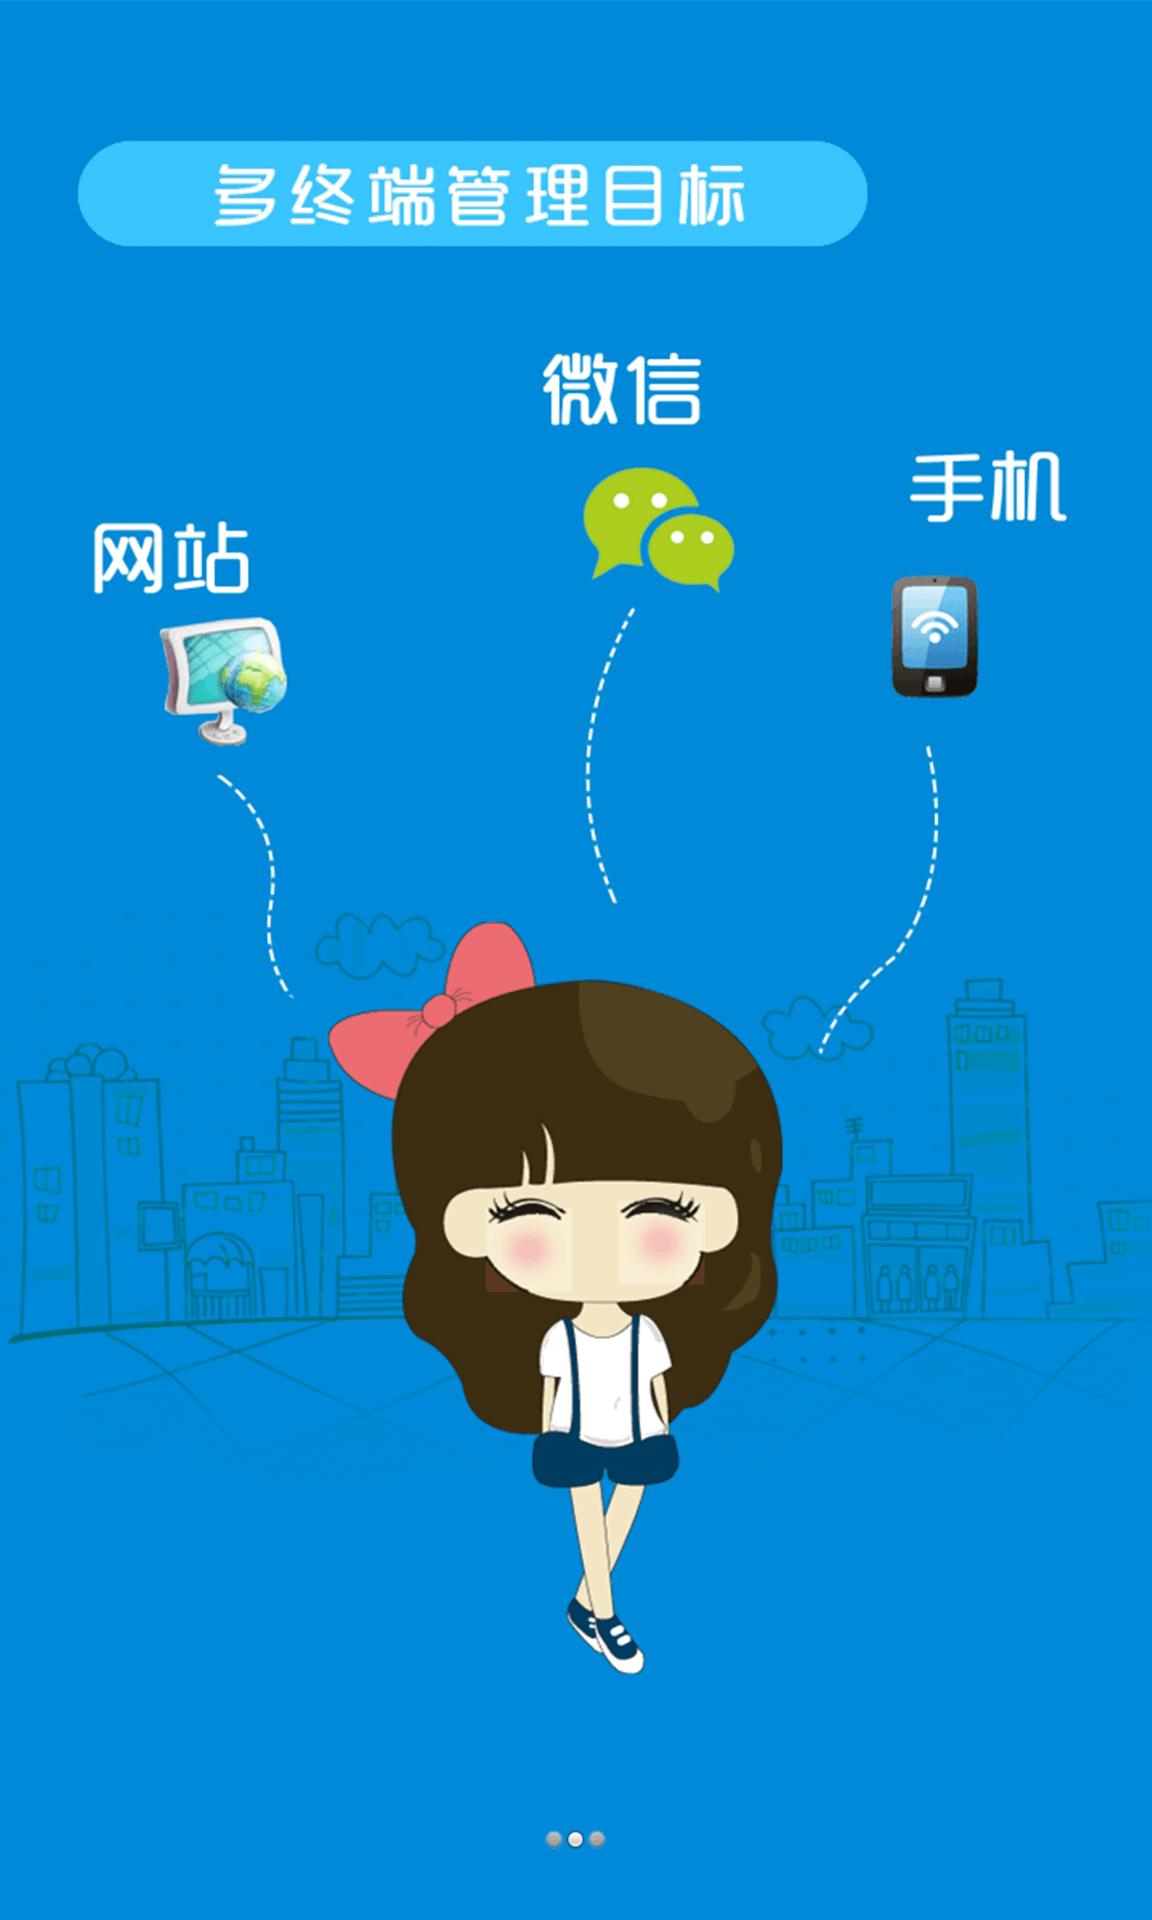 微关爱家人手机定位-应用截图